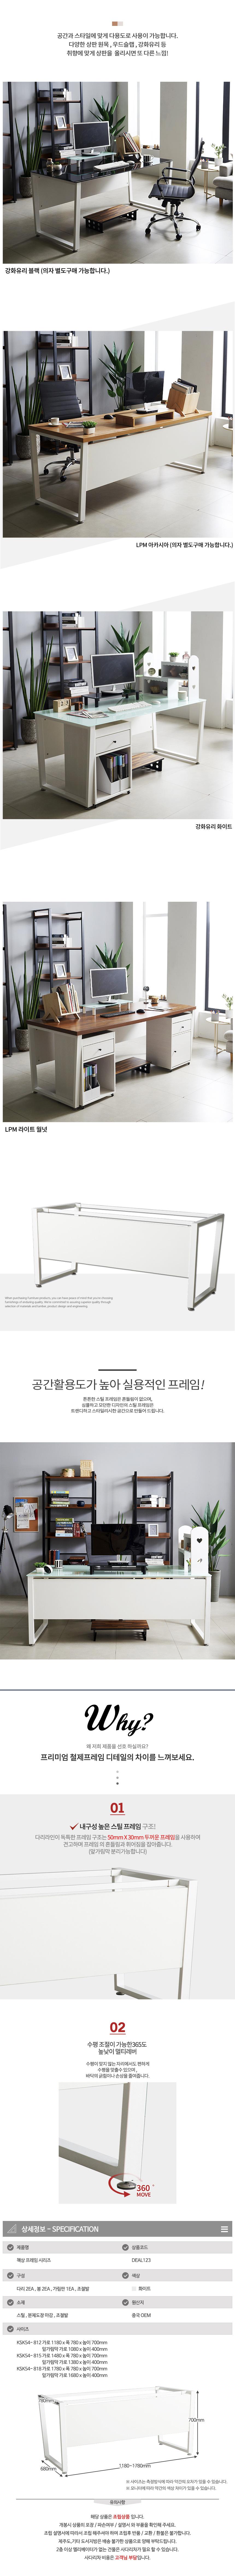 철제 책상 프레임 시리즈 - 동화속나무, 92,000원, DIY 책상/의자, DIY 책상/테이블